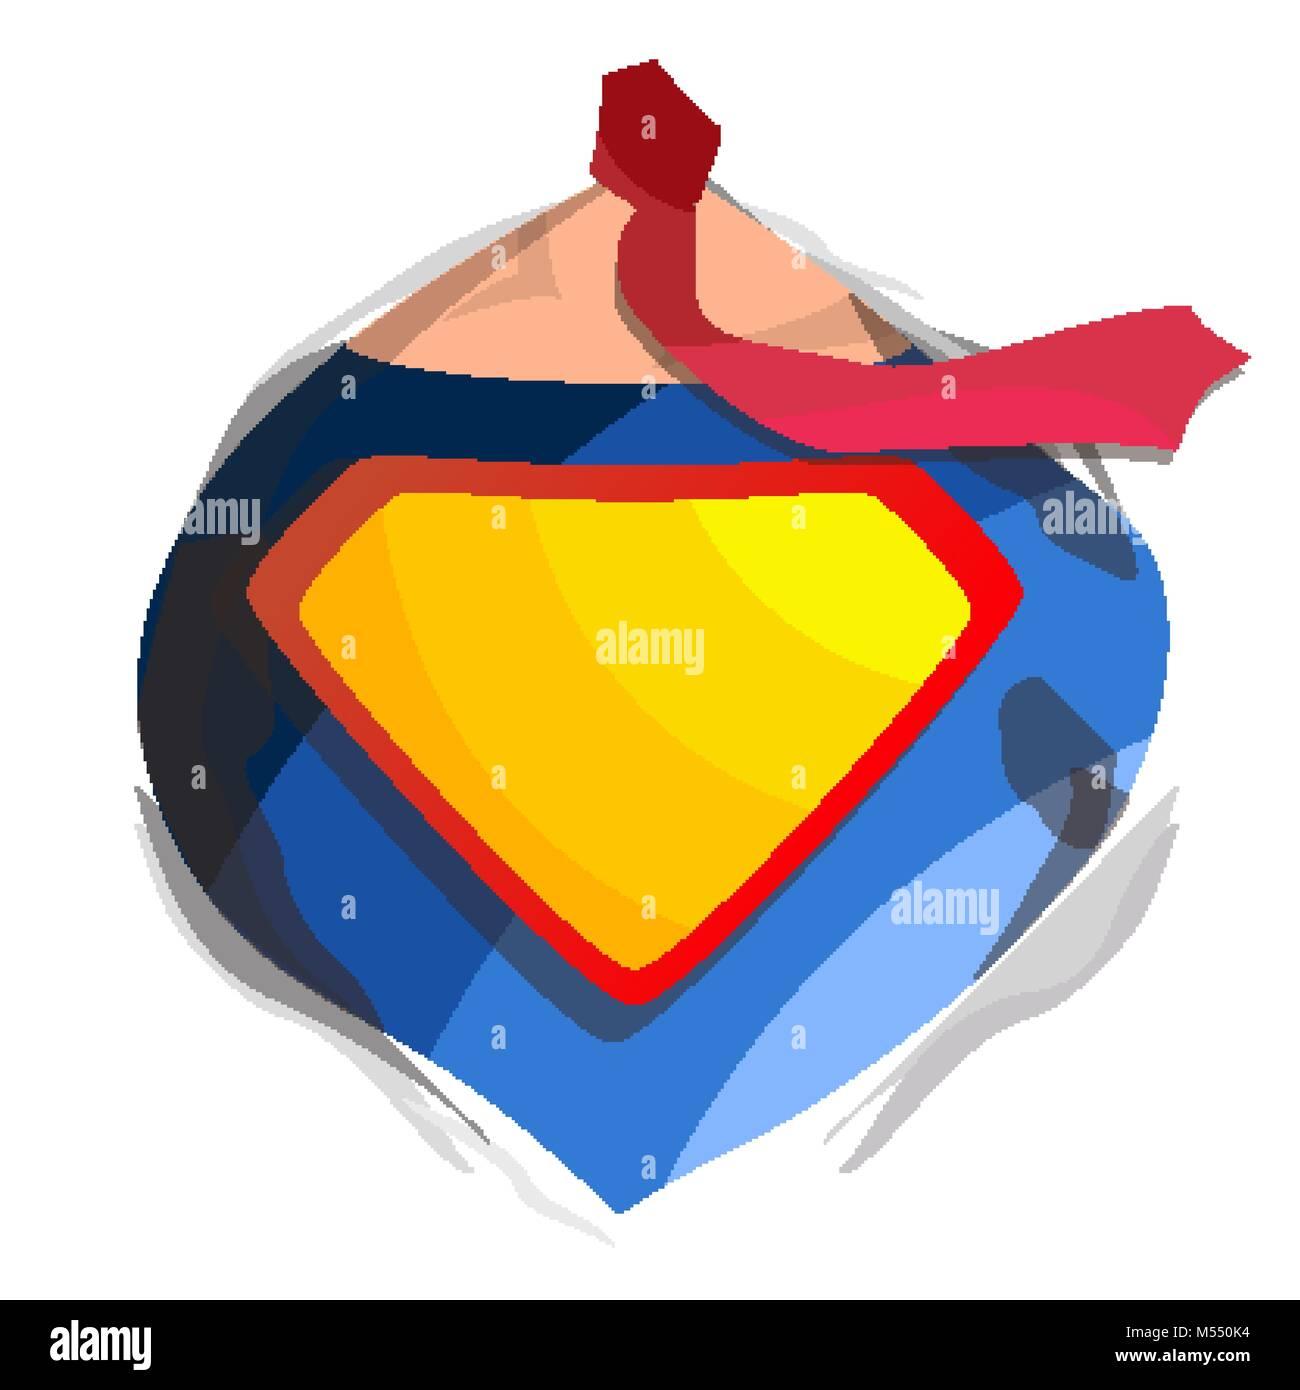 Superhelden Logo Vektor. Gelb, Rot Schild. Emblem Vorlage. Flache ...